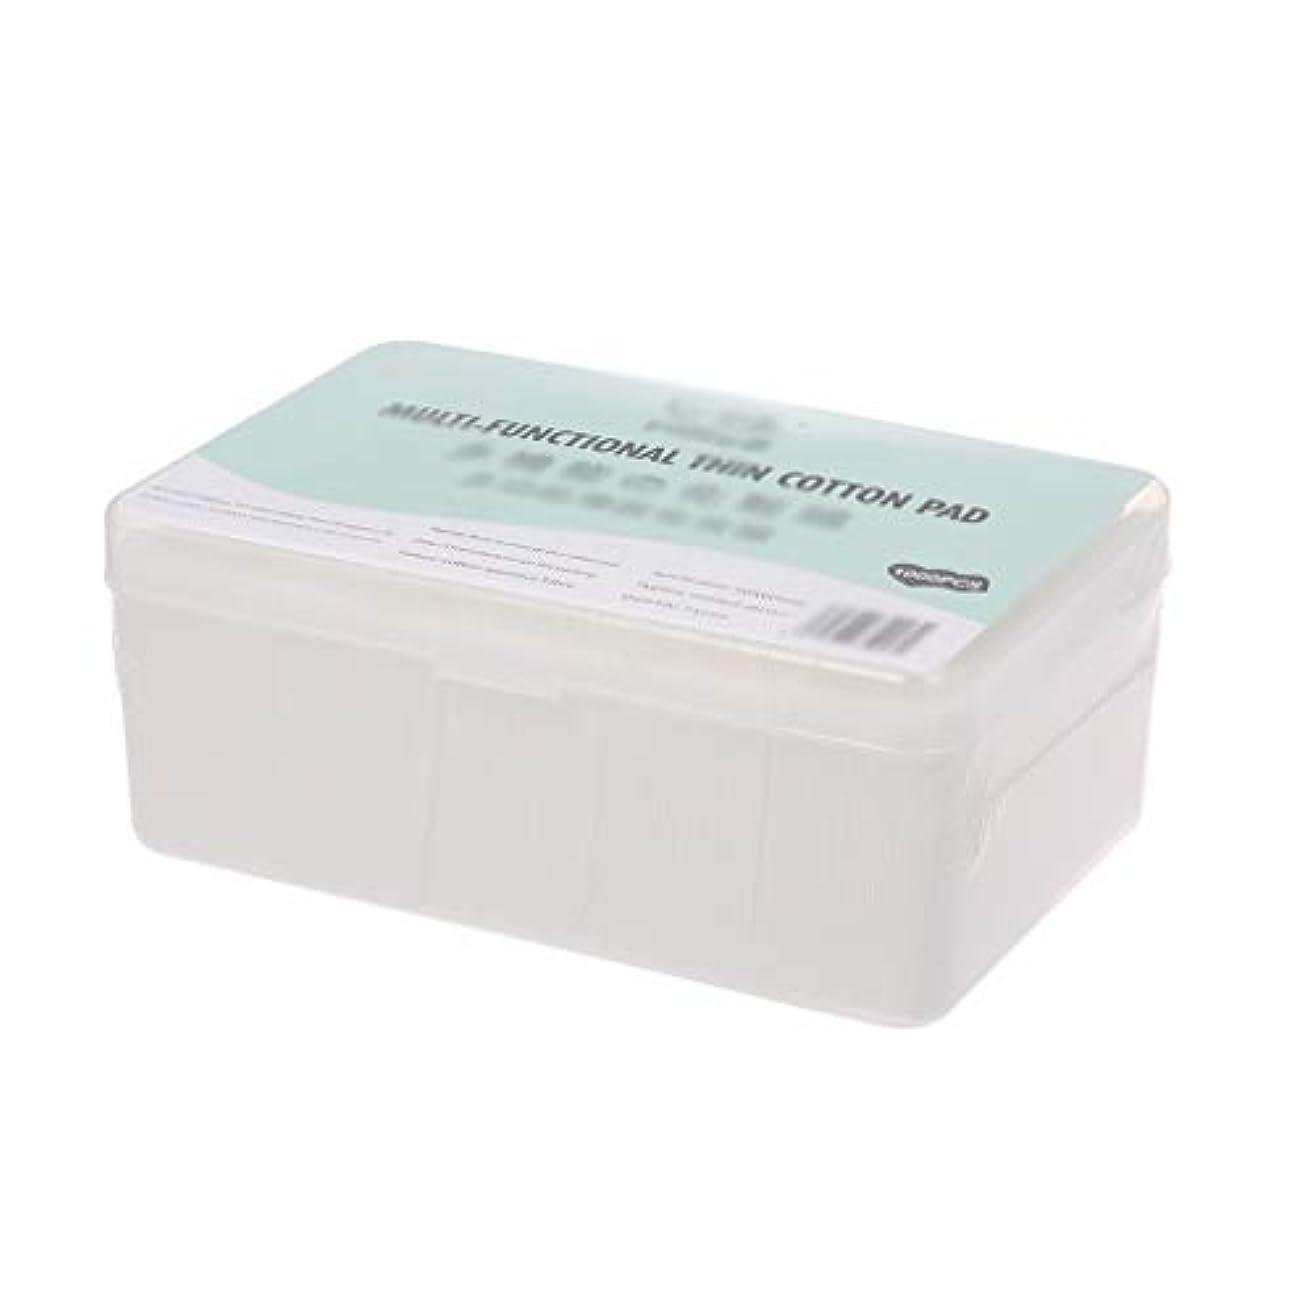 共感するデジタル写真を描くクレンジングシート 1000ピース箱入り使い捨て超薄型コットンメイク落としネイルポリッシュリムーバークレンジングティッシュペーパーペーパー (Color : White, サイズ : 5*6cm)